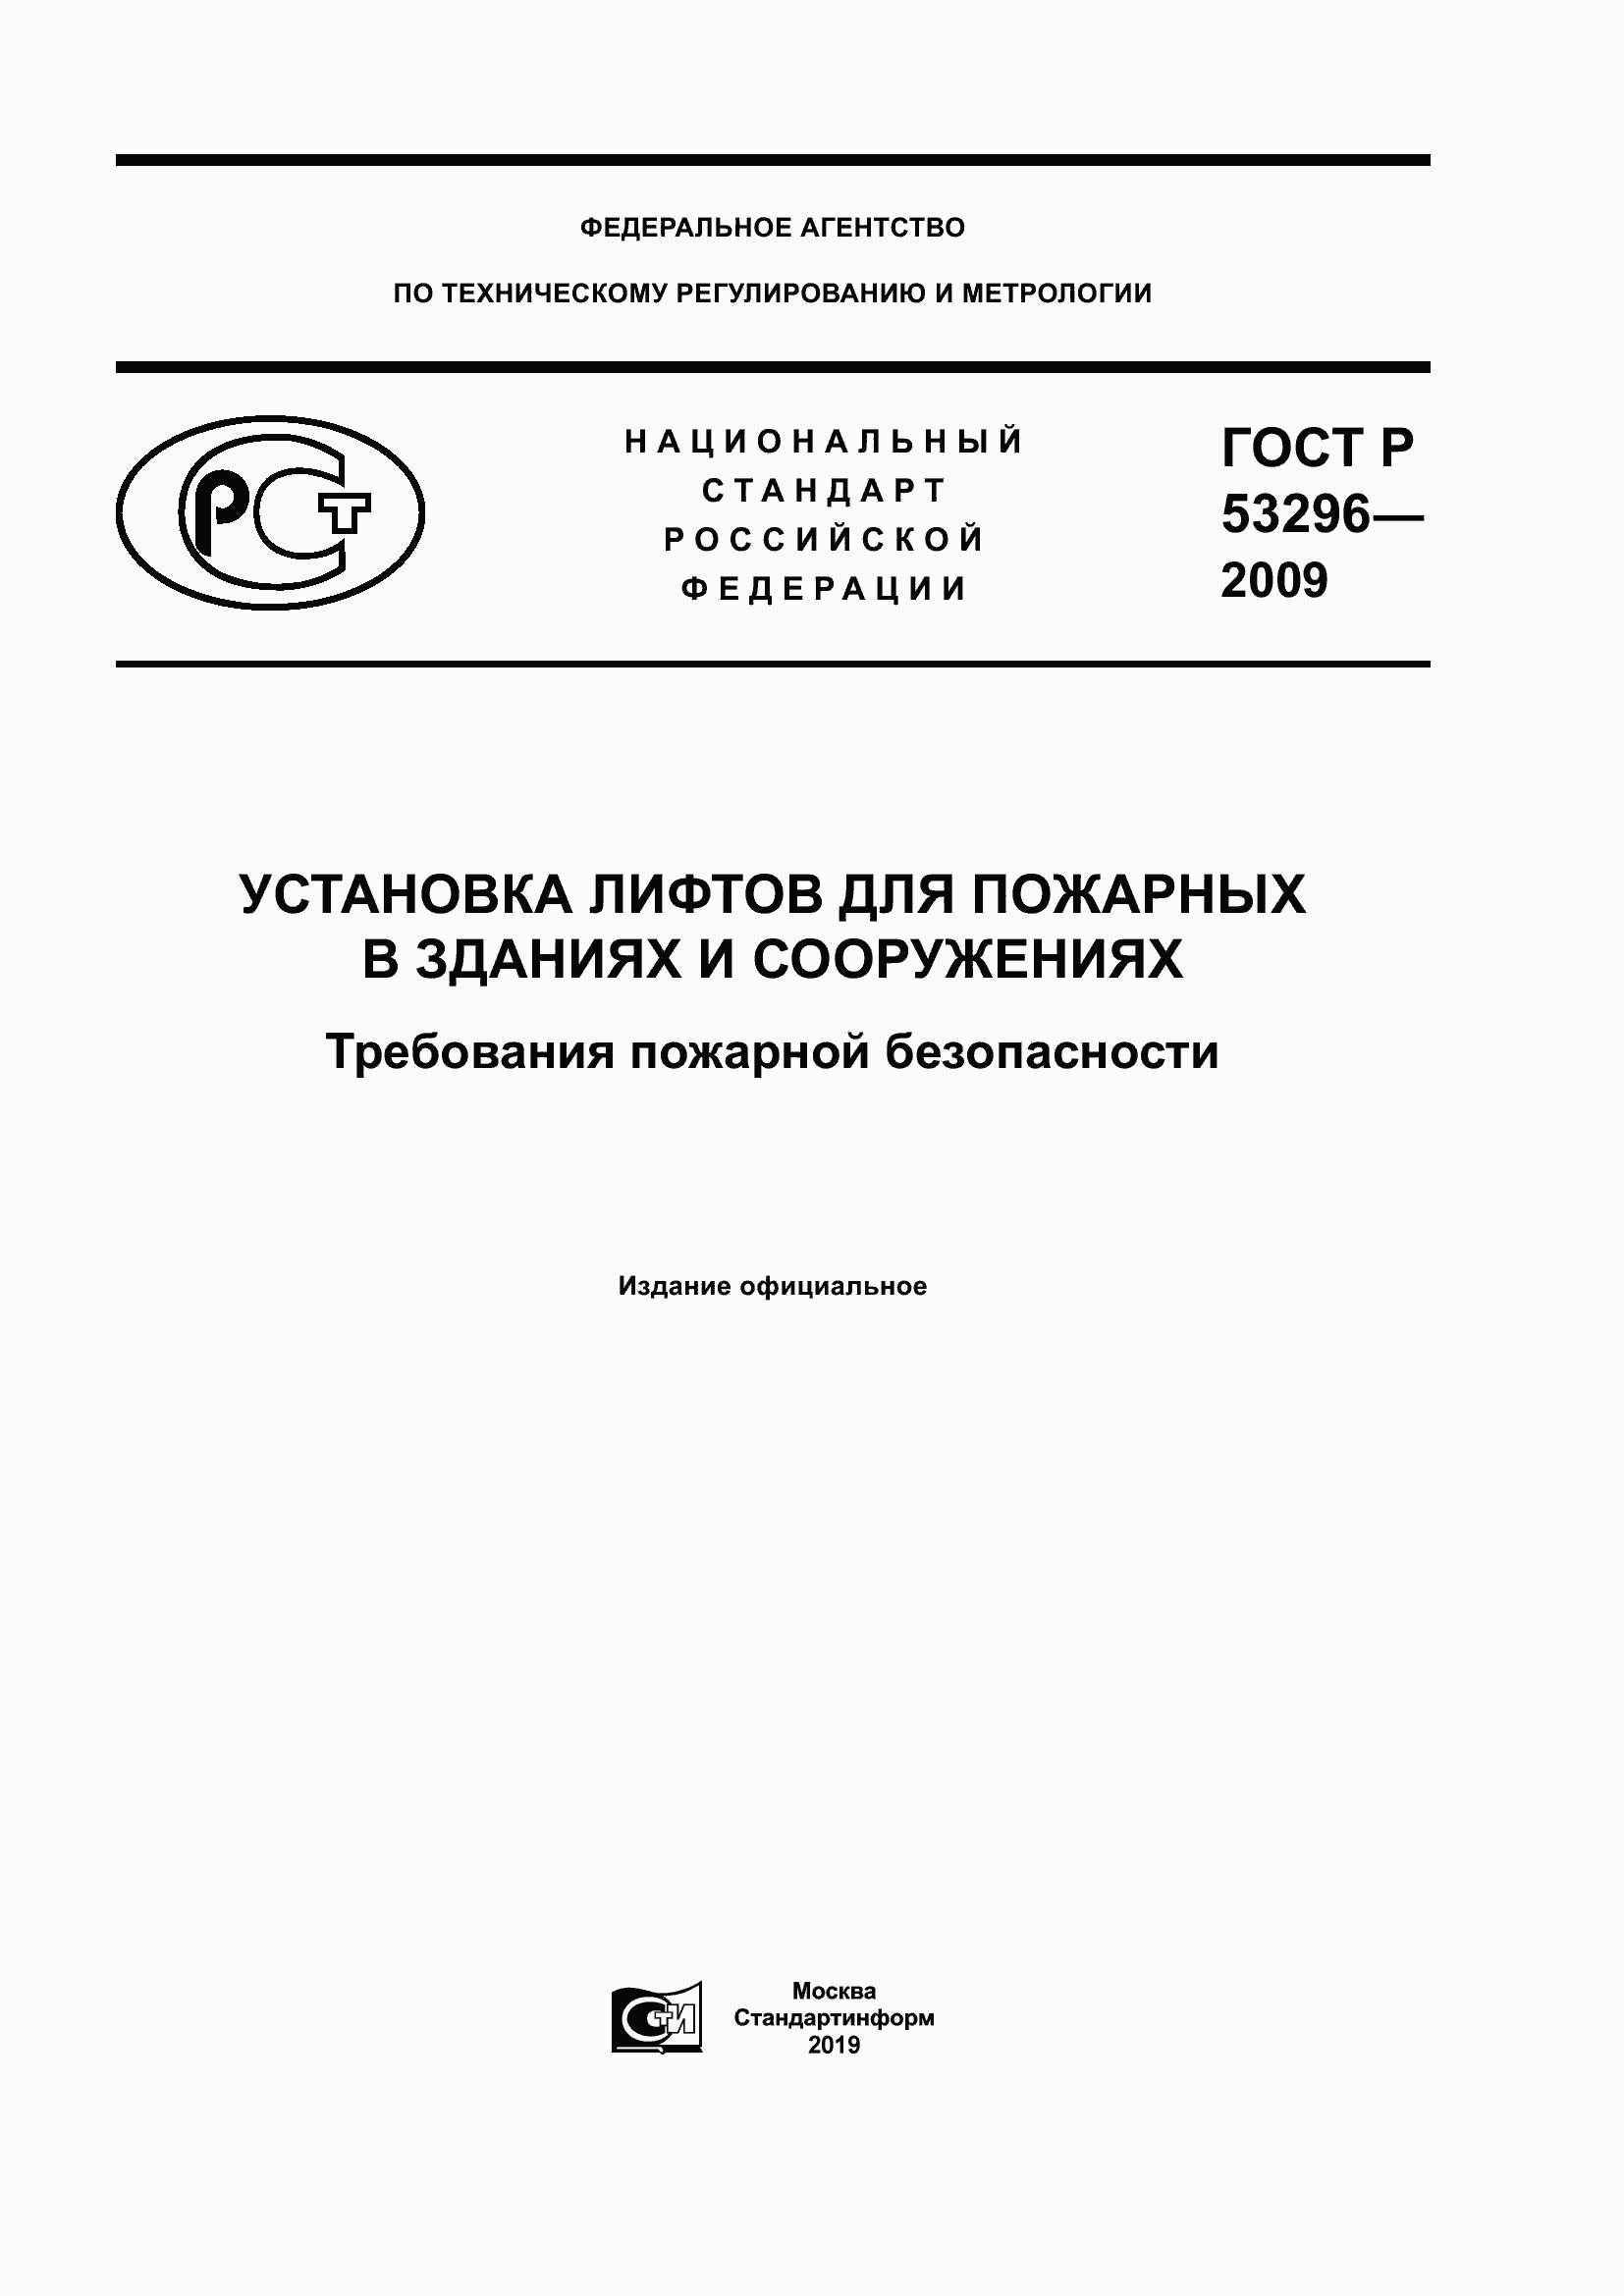 Гост р 53296-2009 лифты для пожарных